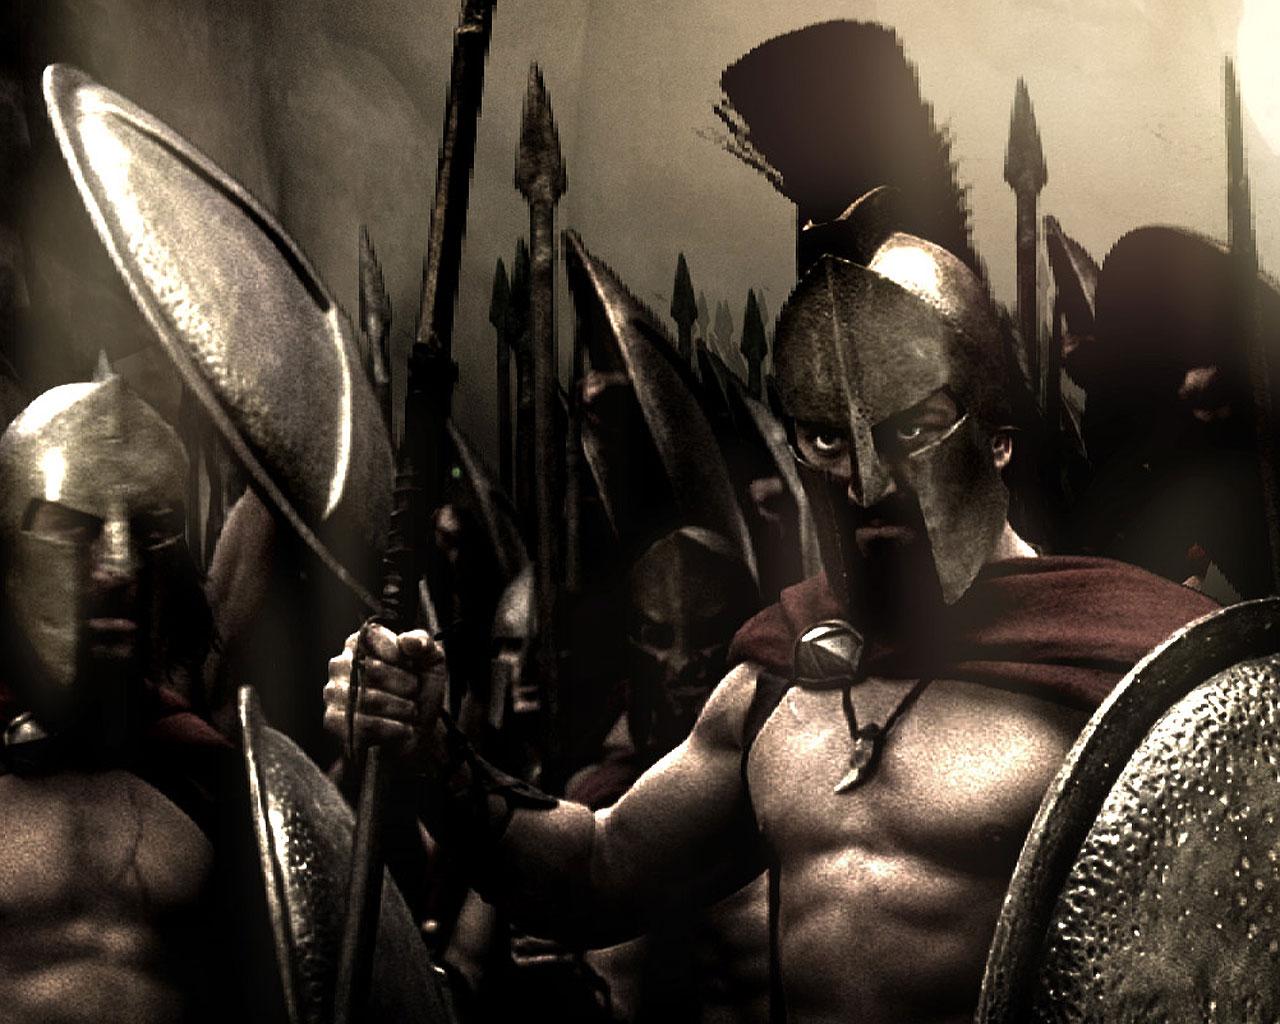 http://4.bp.blogspot.com/-DHialJIoD-I/Tvy0M8BRsqI/AAAAAAAAC8Q/CVnklLNxHaU/s1600/spartans_spartan_society_2.jpg